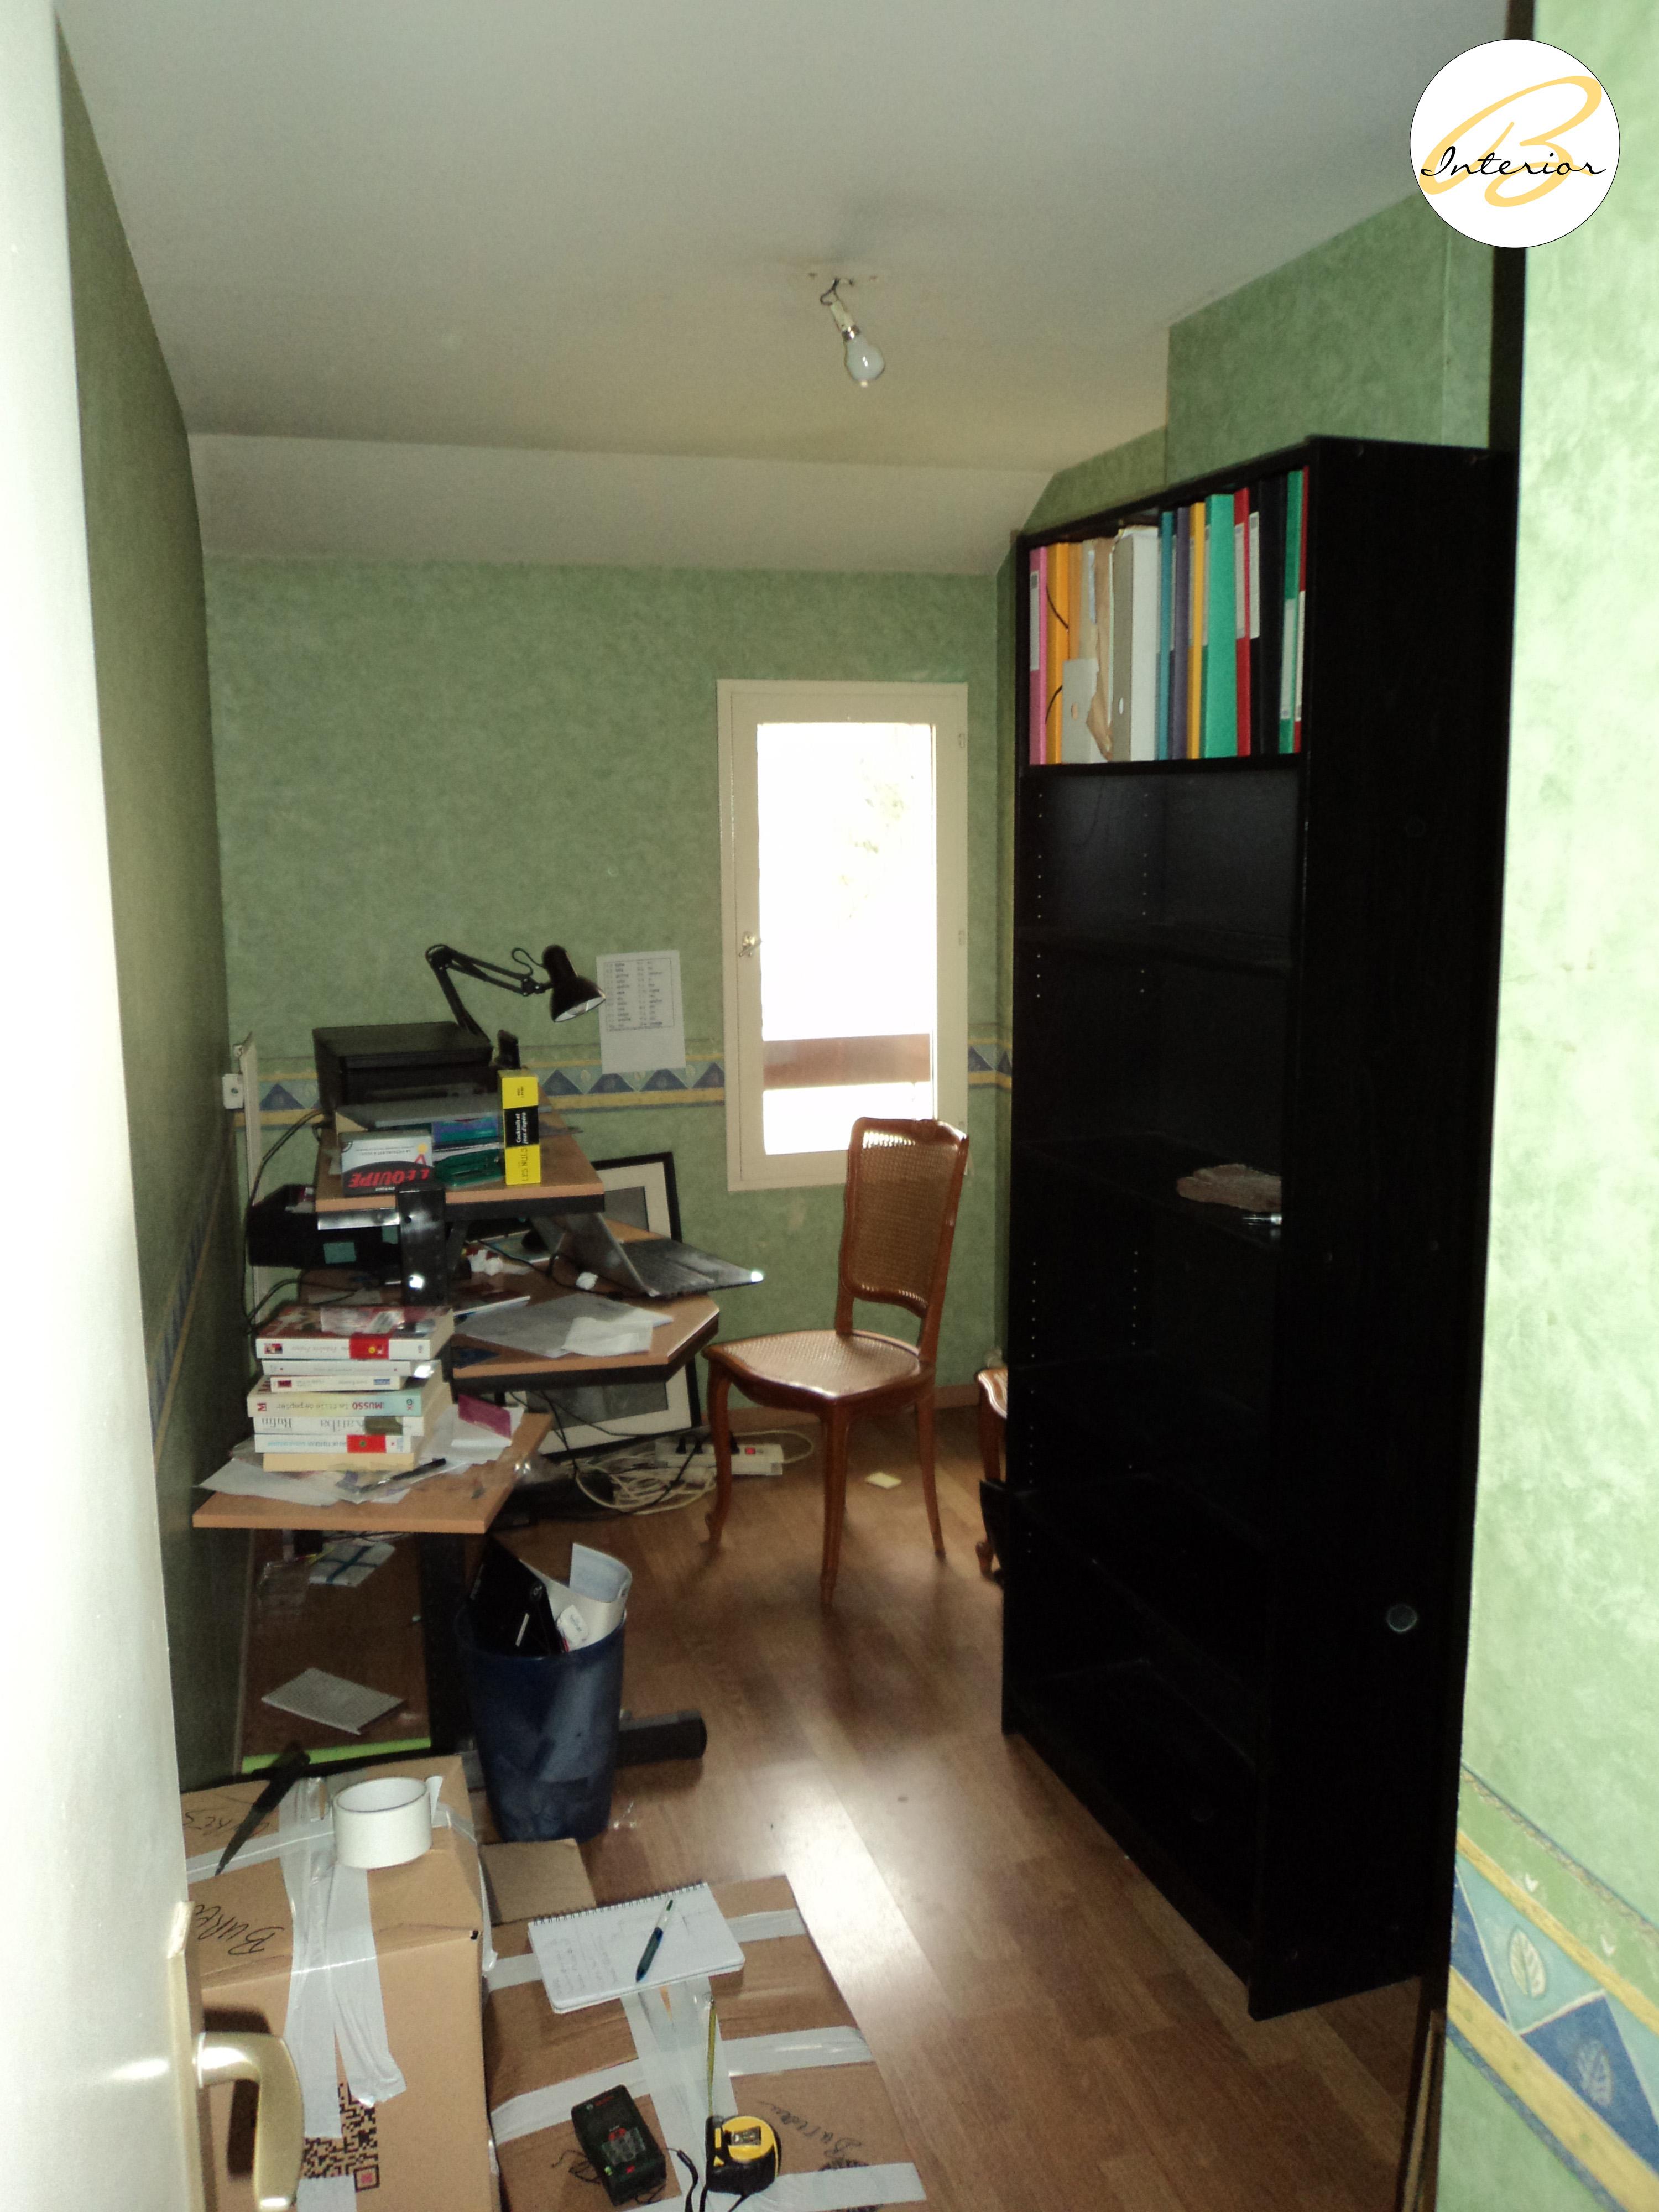 Bureau ou chambre bébé avant